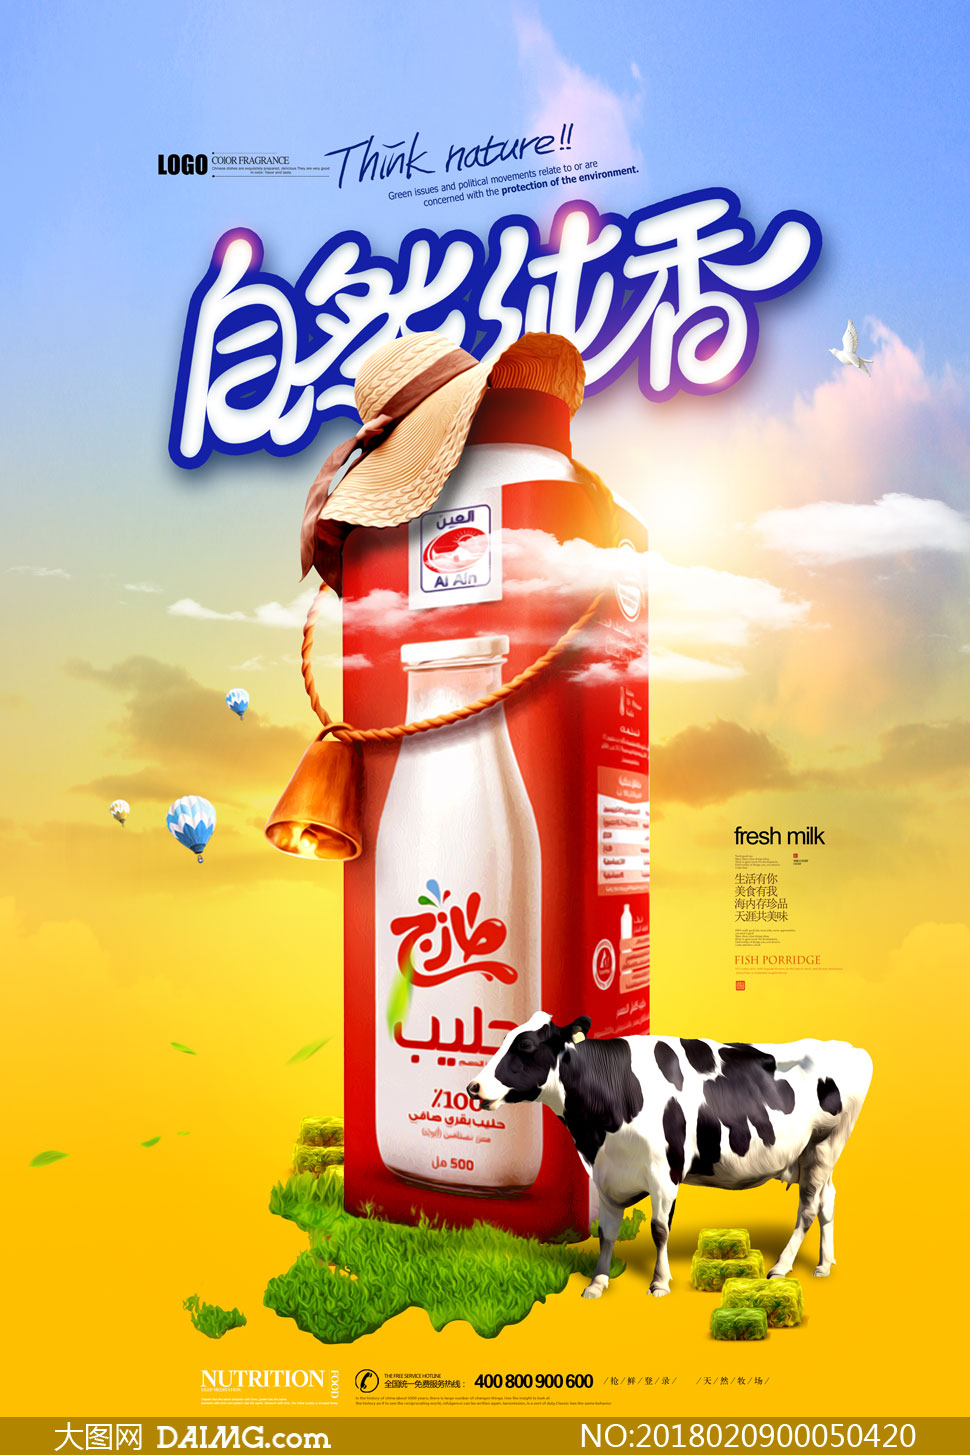 自然纯香牛奶宣传广告PSD源文件